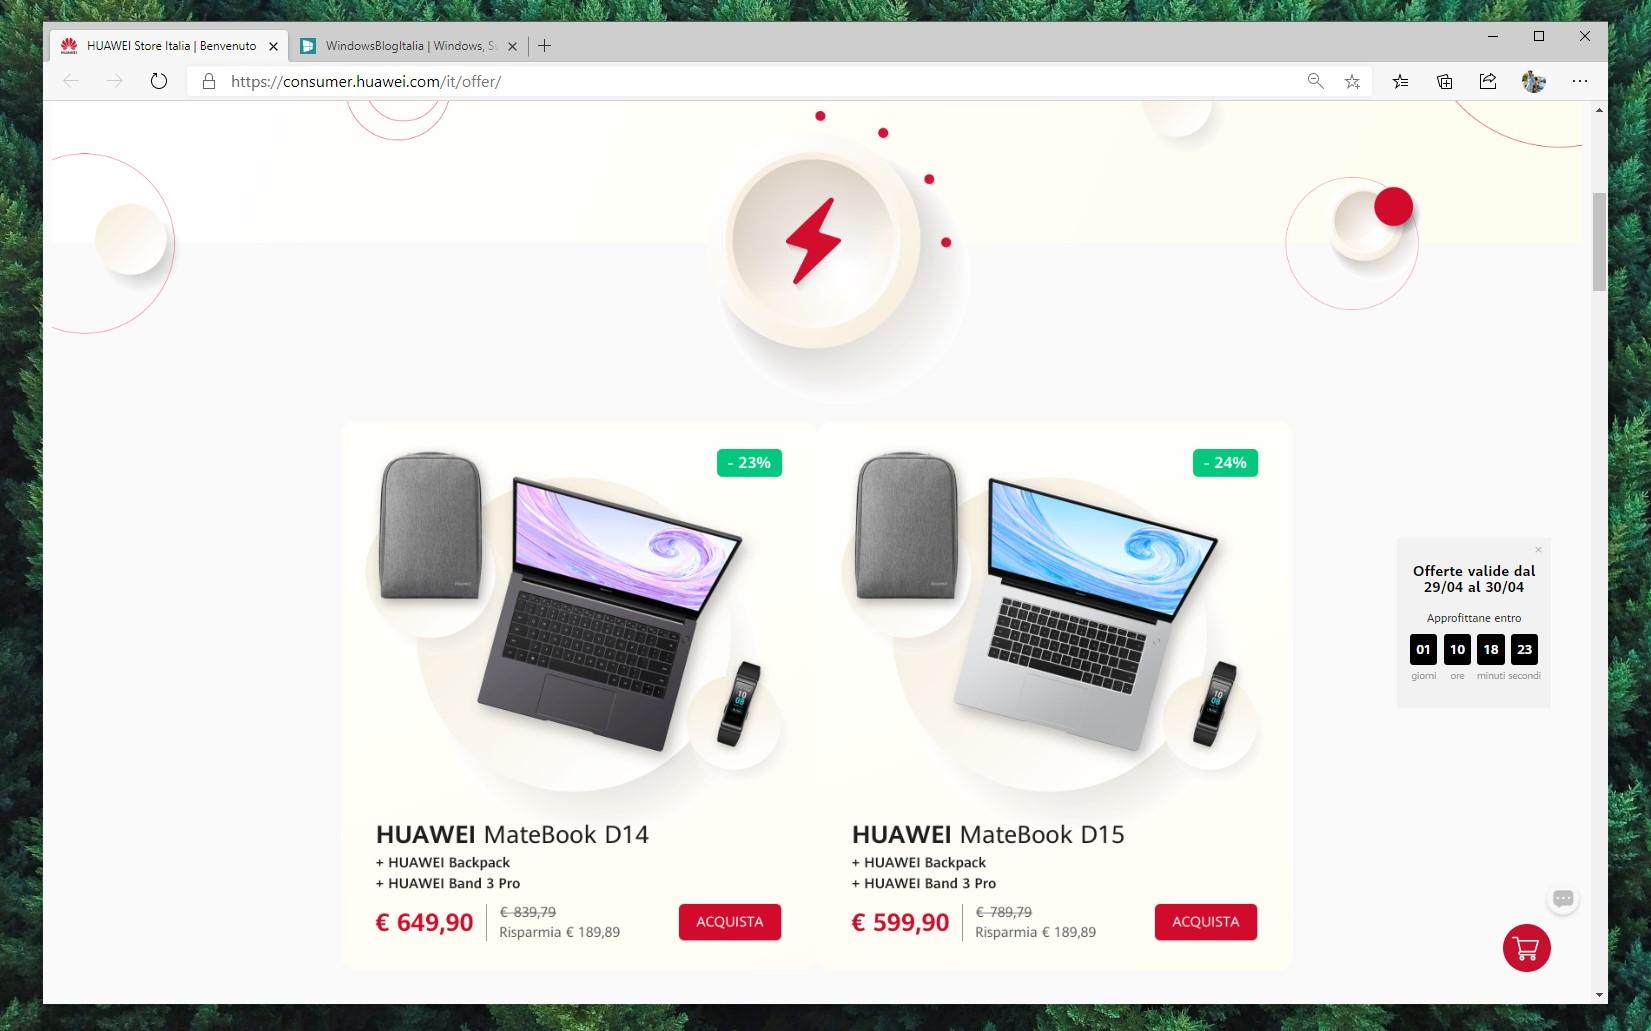 HUAWEI e-store italiano sconti 48 ore aprile 2020